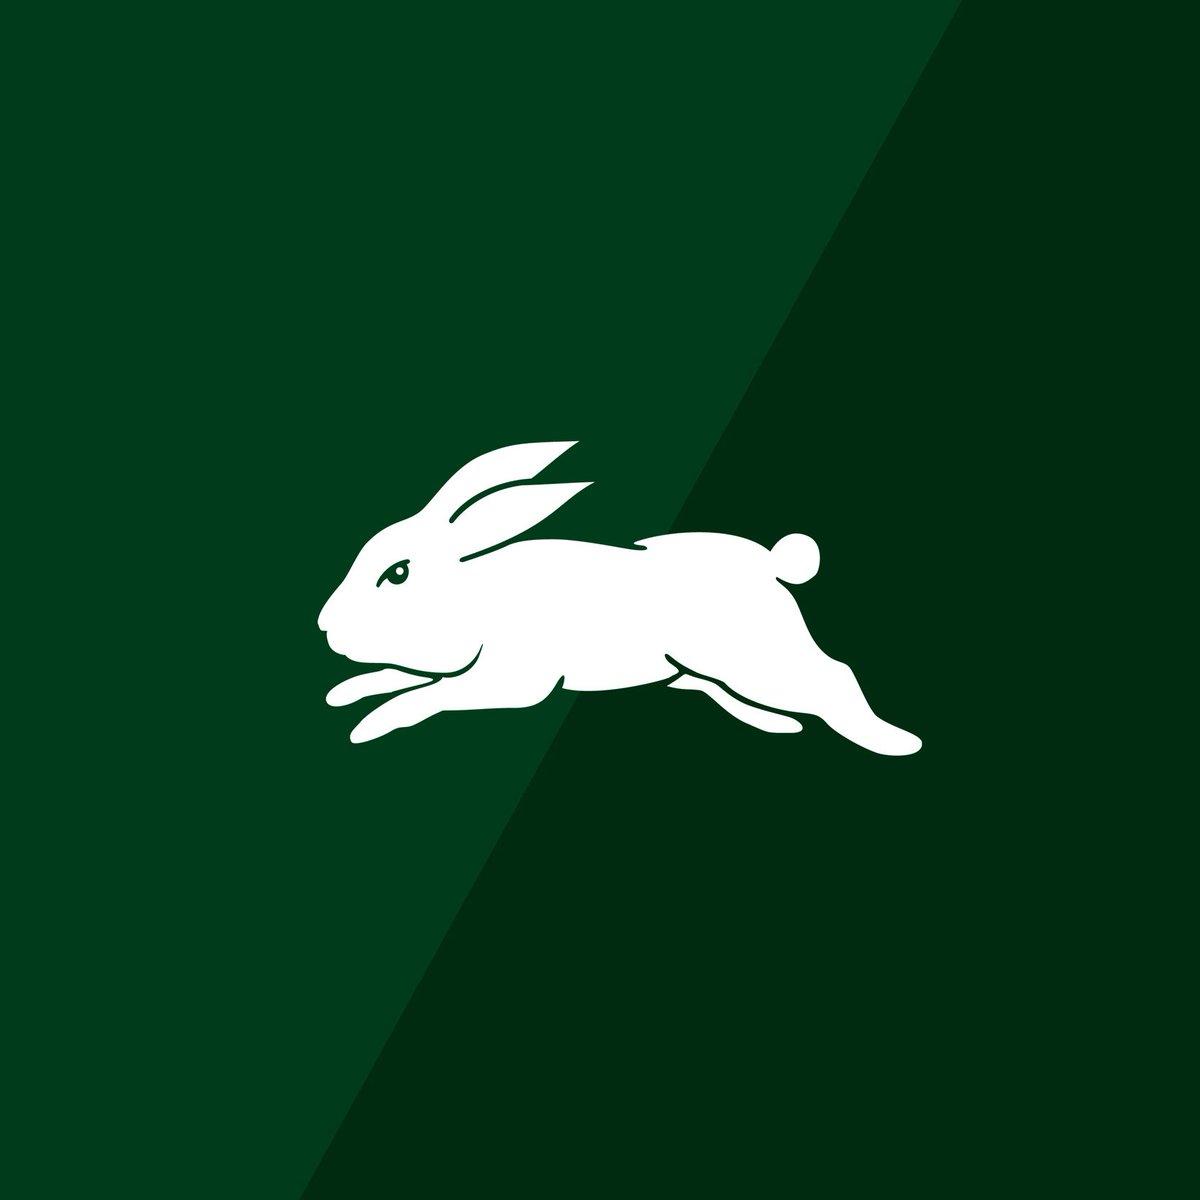 South Sydney Rabbitohs �'s photo on Greg Inglis